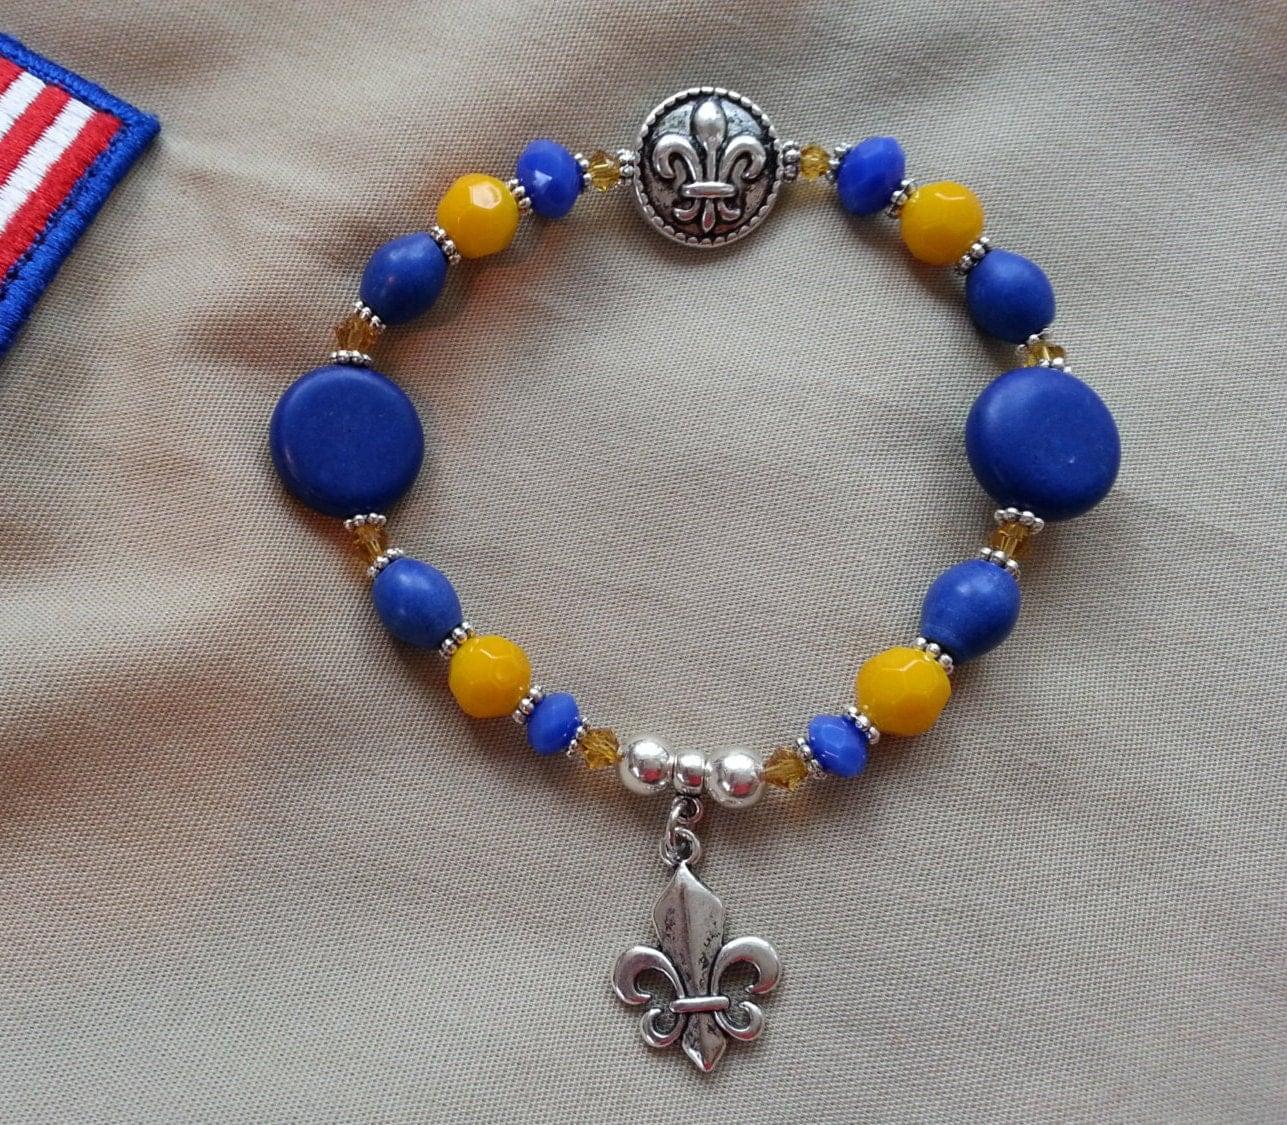 Fleur De Lis Charm Bracelet: Ladies' CUB SCOUT BRACELET With Fleur De Lis Charm